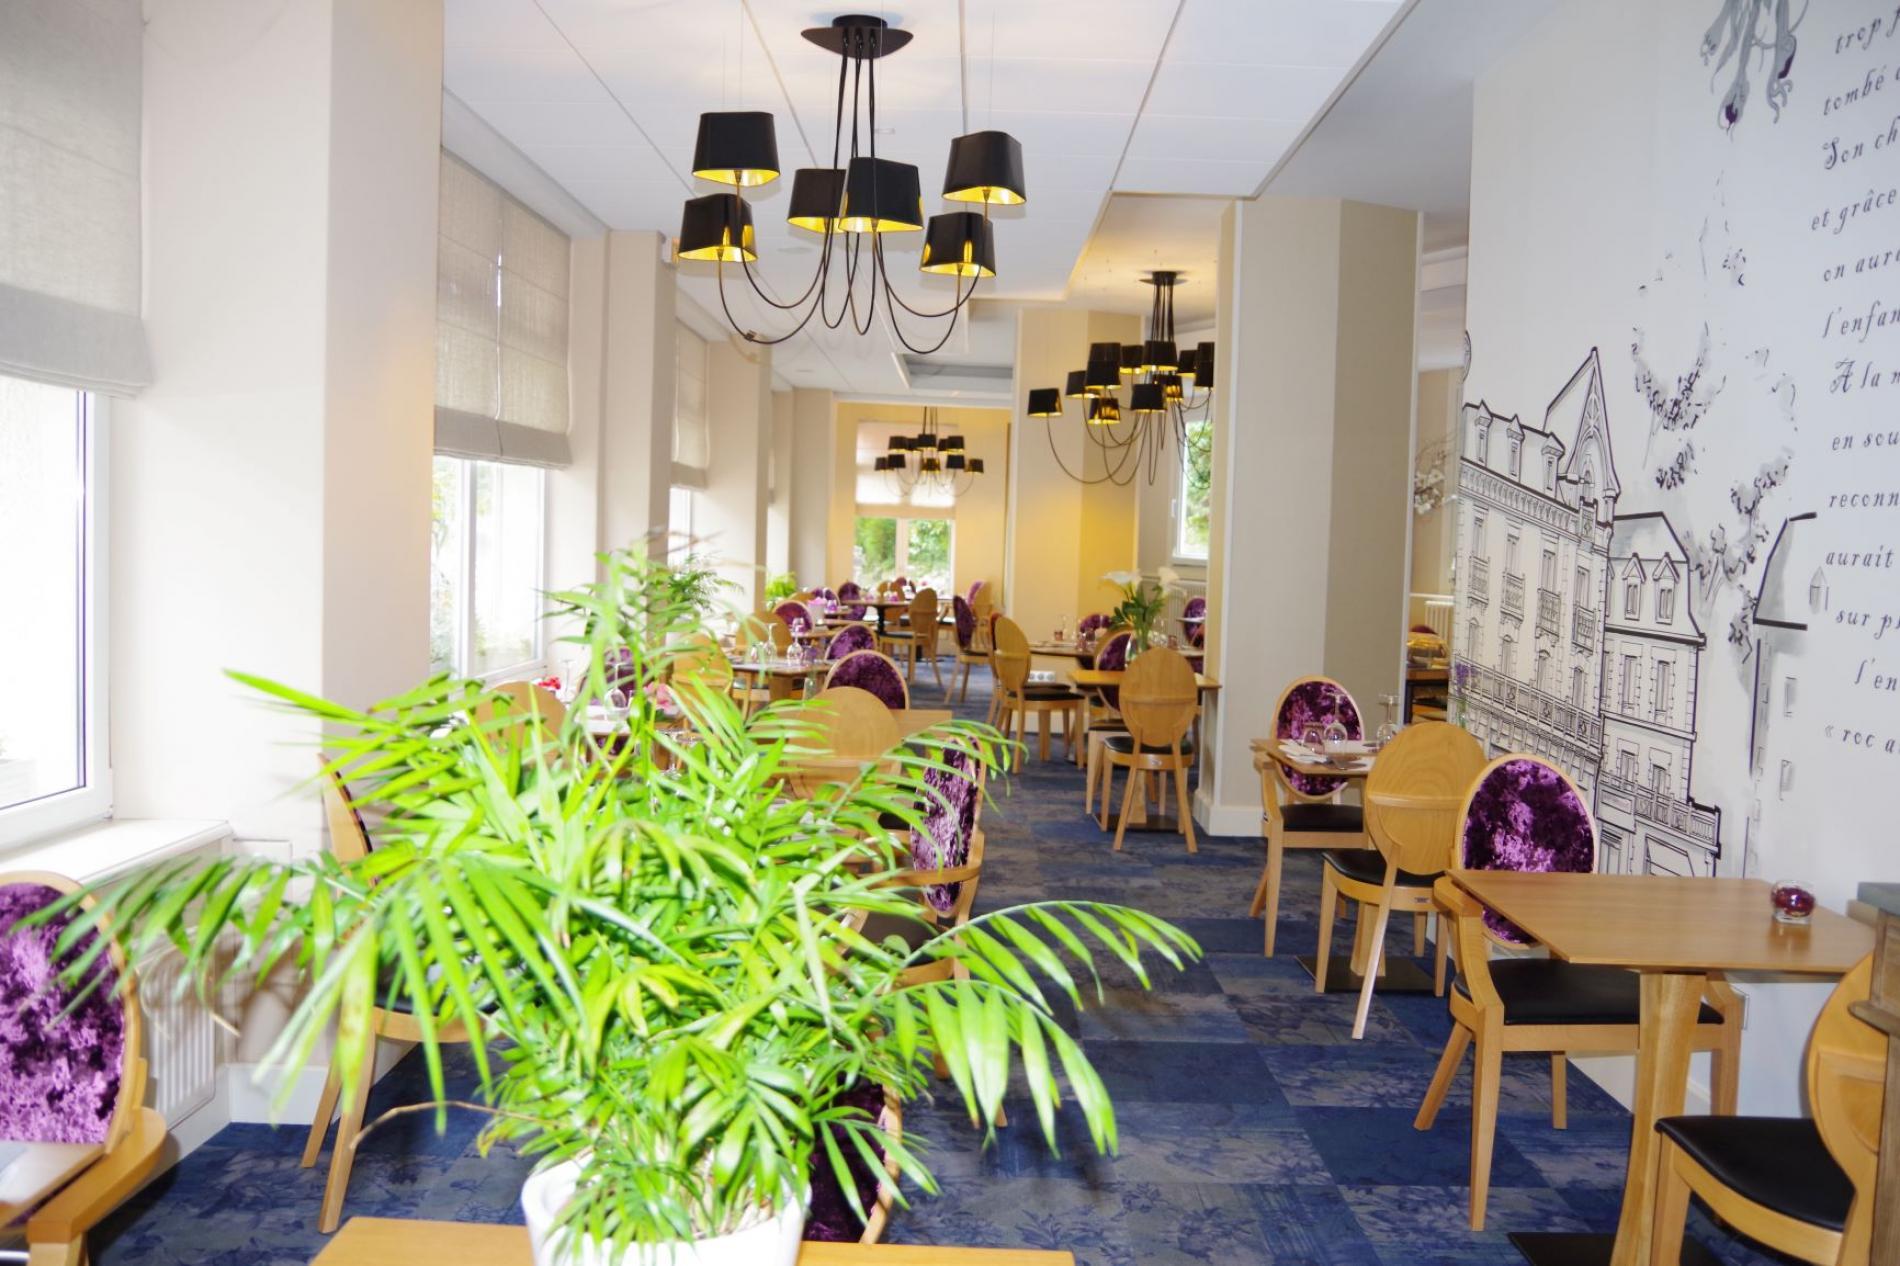 Salle de restaurant pour repas d'affaire et groupe Bagnoles de l'Orne Normandie